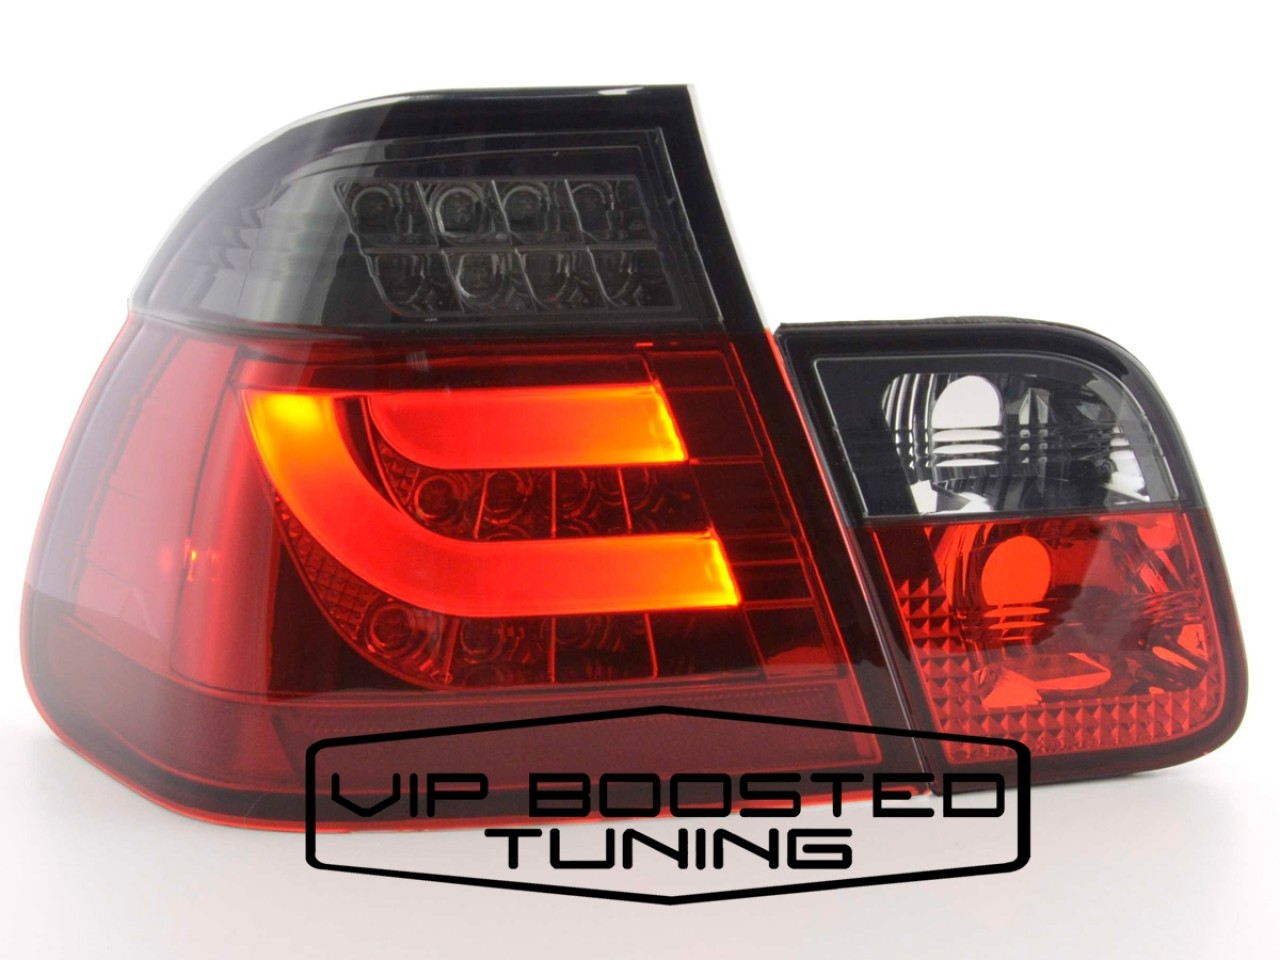 Stopuri LED FIBRA OPTICA BMW Seria 3 E46 FACELIFT (2002-2005) Rosu/Fumuriu 4 Usi